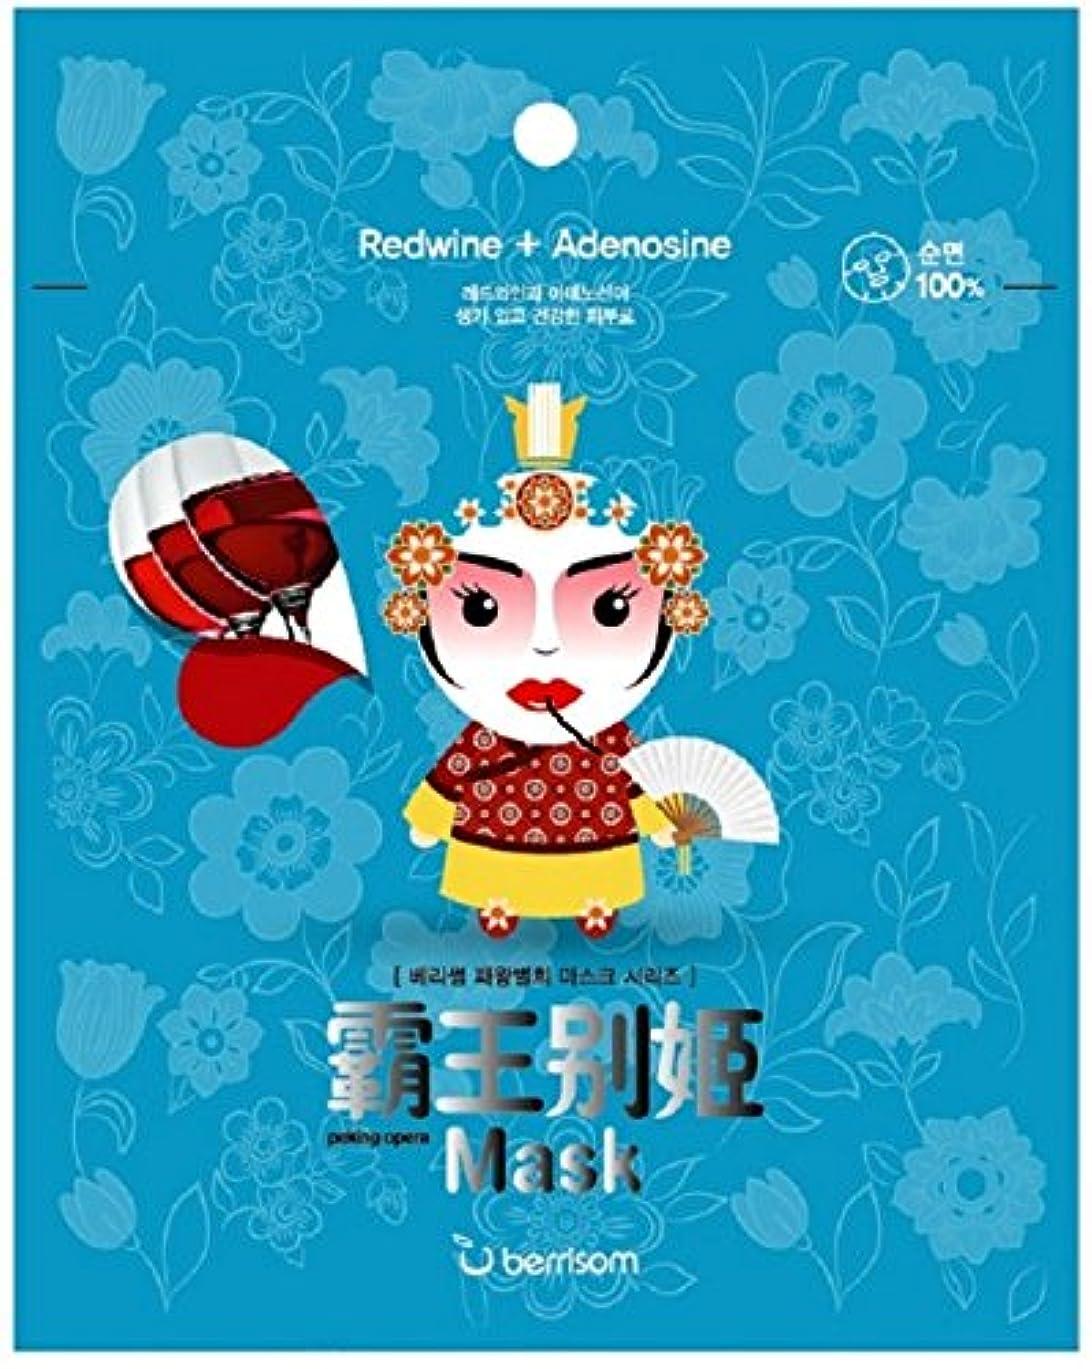 夏海外スキャンベリサム(berrisom)Peking Opera mask series #Queen